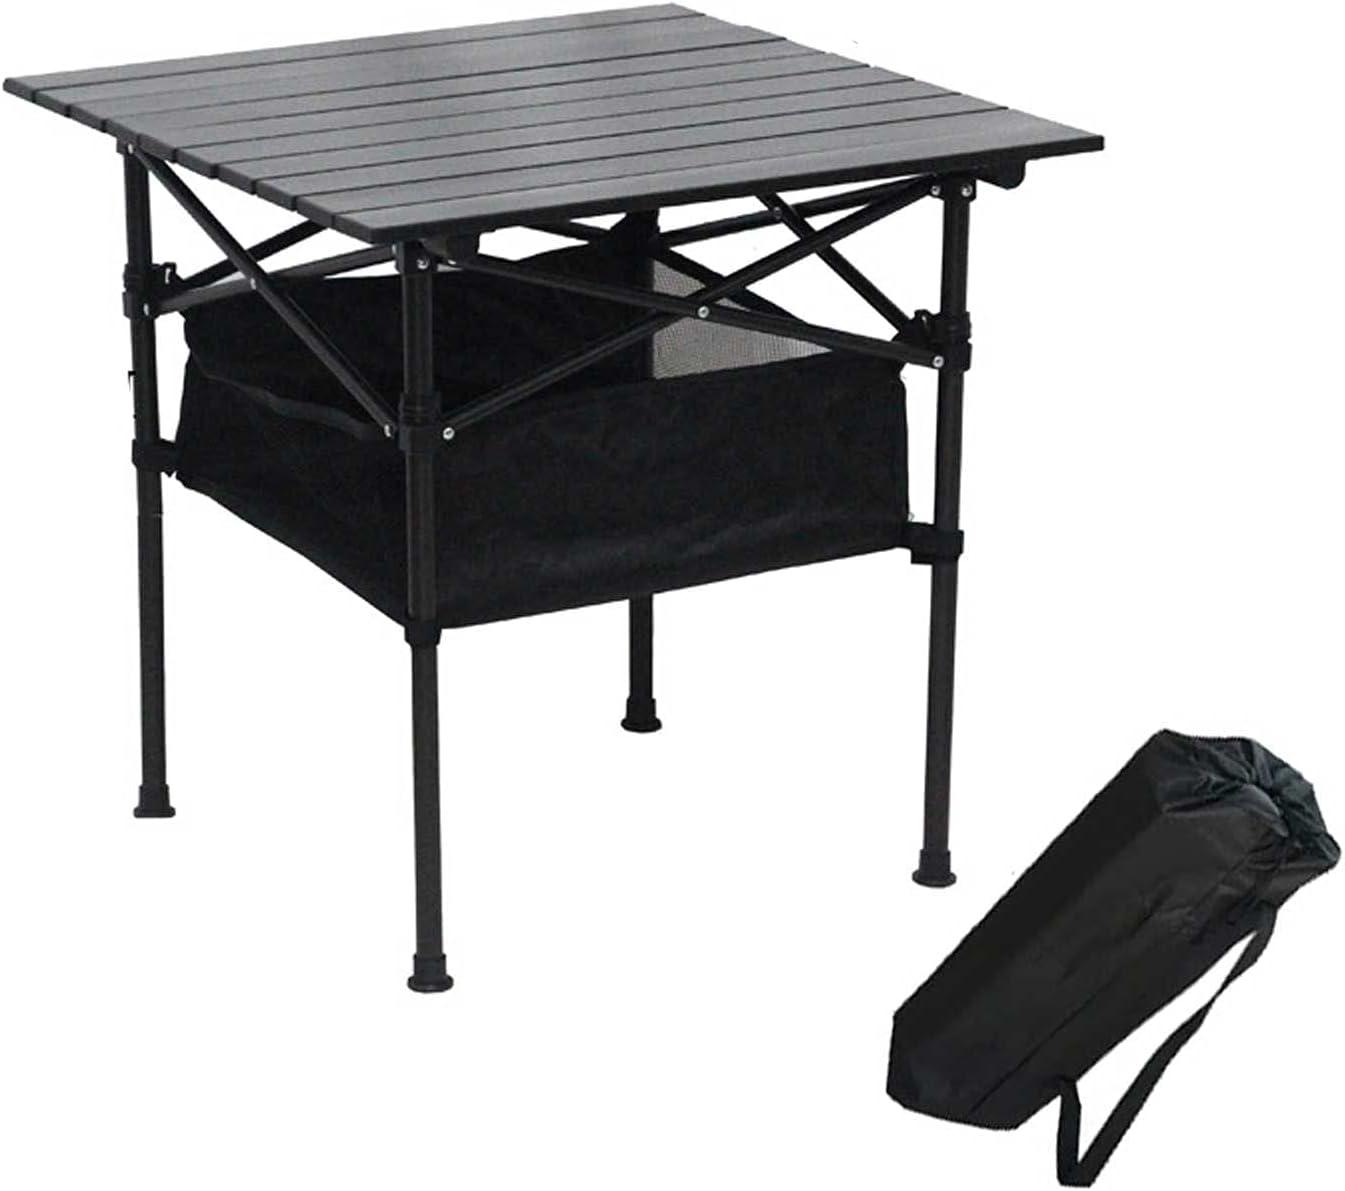 Compacto para Exteriores Mesa Camping,Mesa Plegable Jardin con Función De Almacenamiento,Tablero De Aluminio, Utilizado para Acampar En La Playa